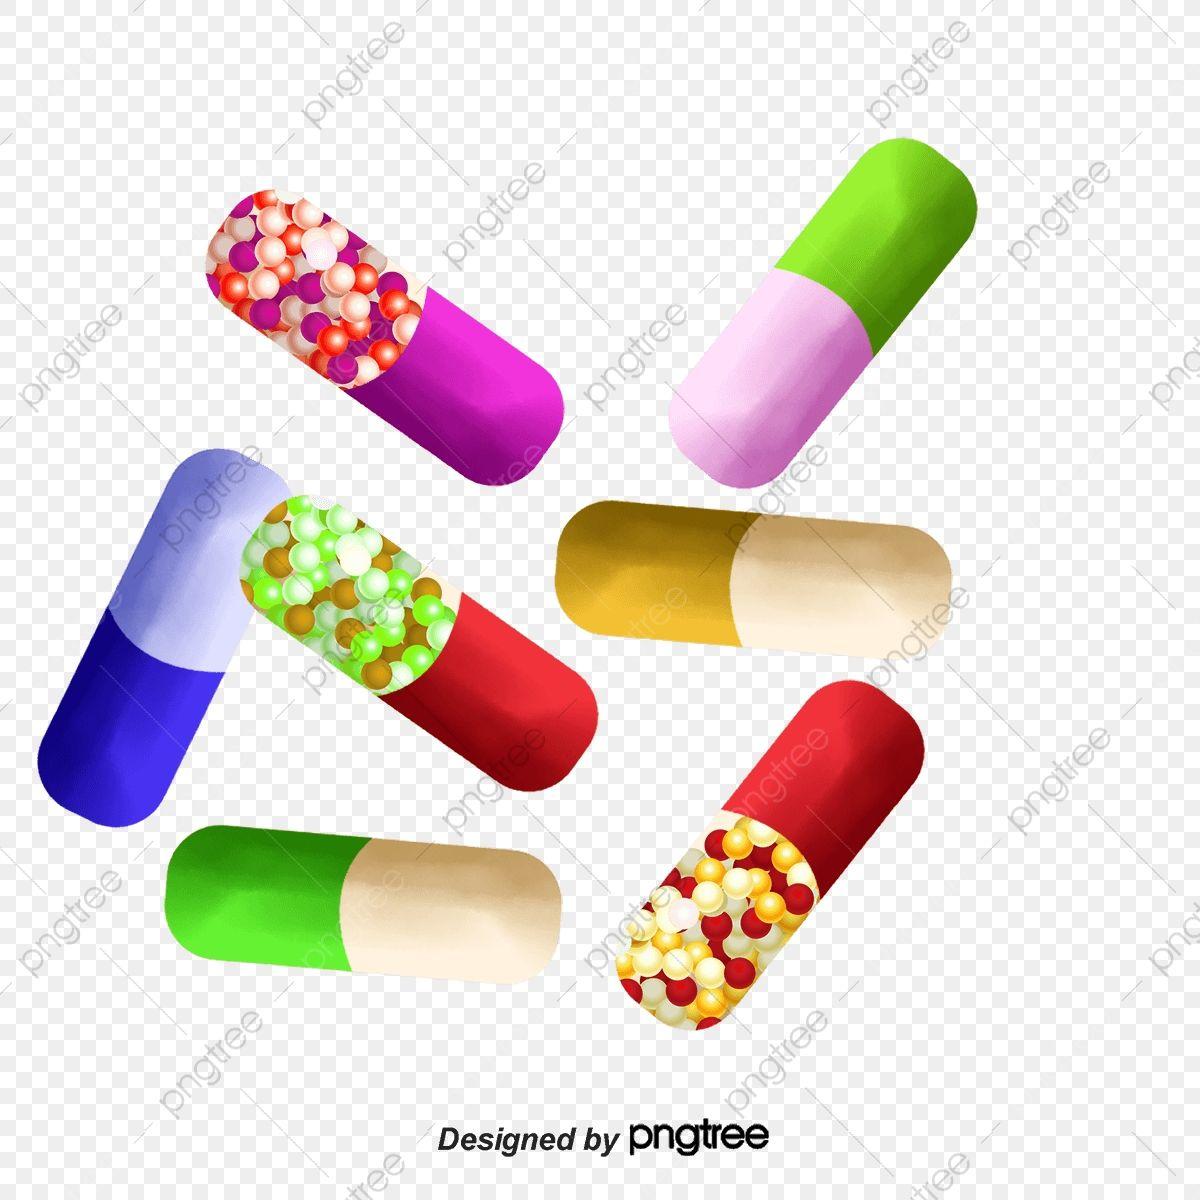 كبسولة الحبوب كبسولات أقراص حبوب منع الحمل كبسولة Png وملف Psd للتحميل مجانا Clip Art Pills Pill